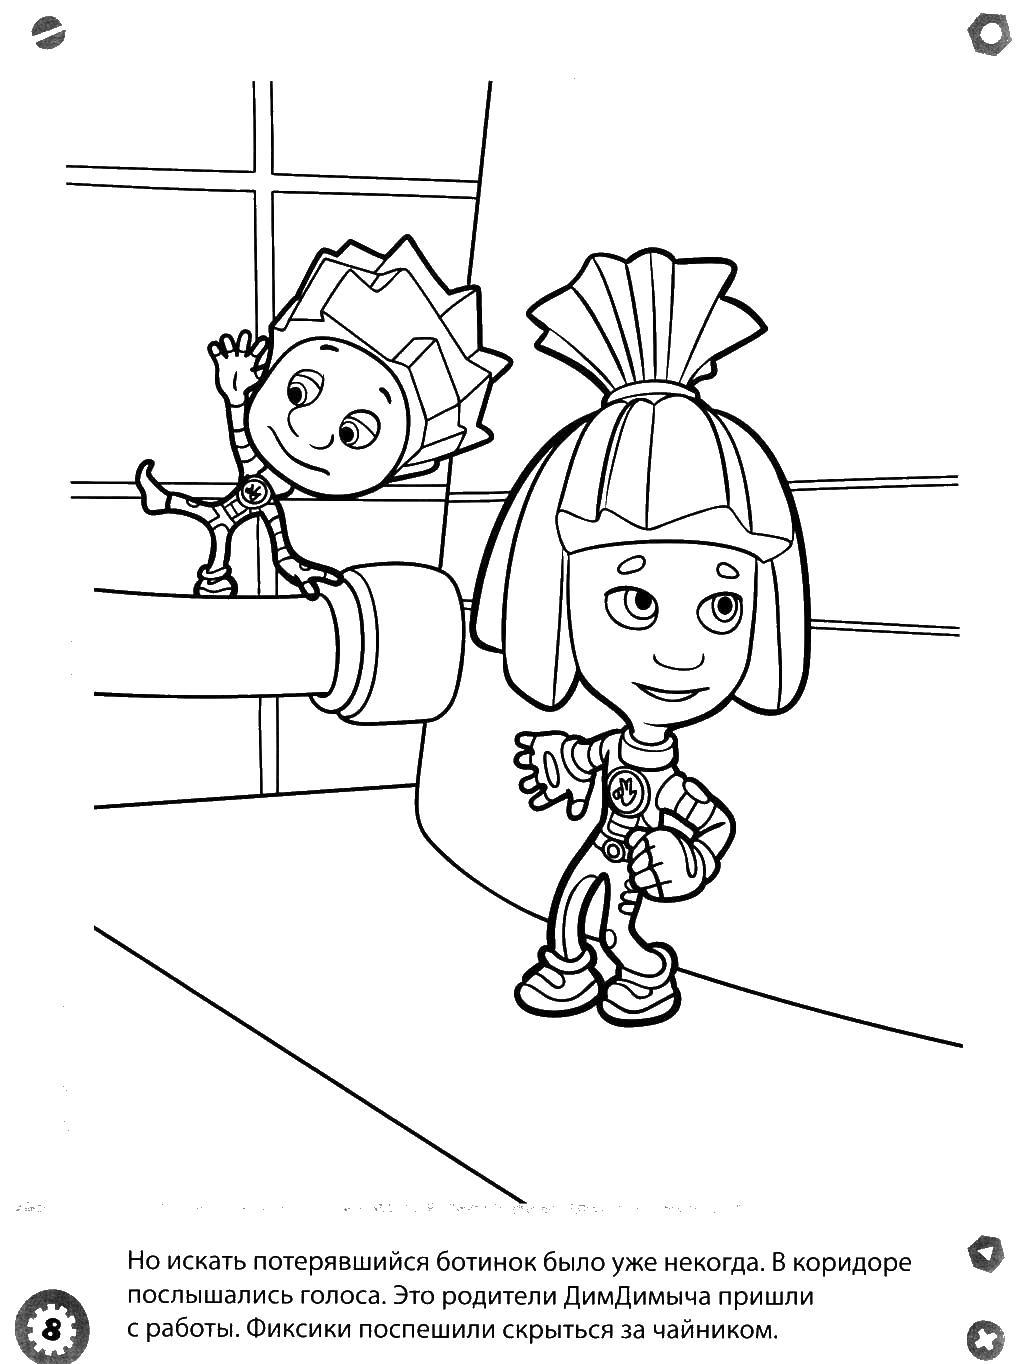 Рисунок нолика из мультика фиксики 3